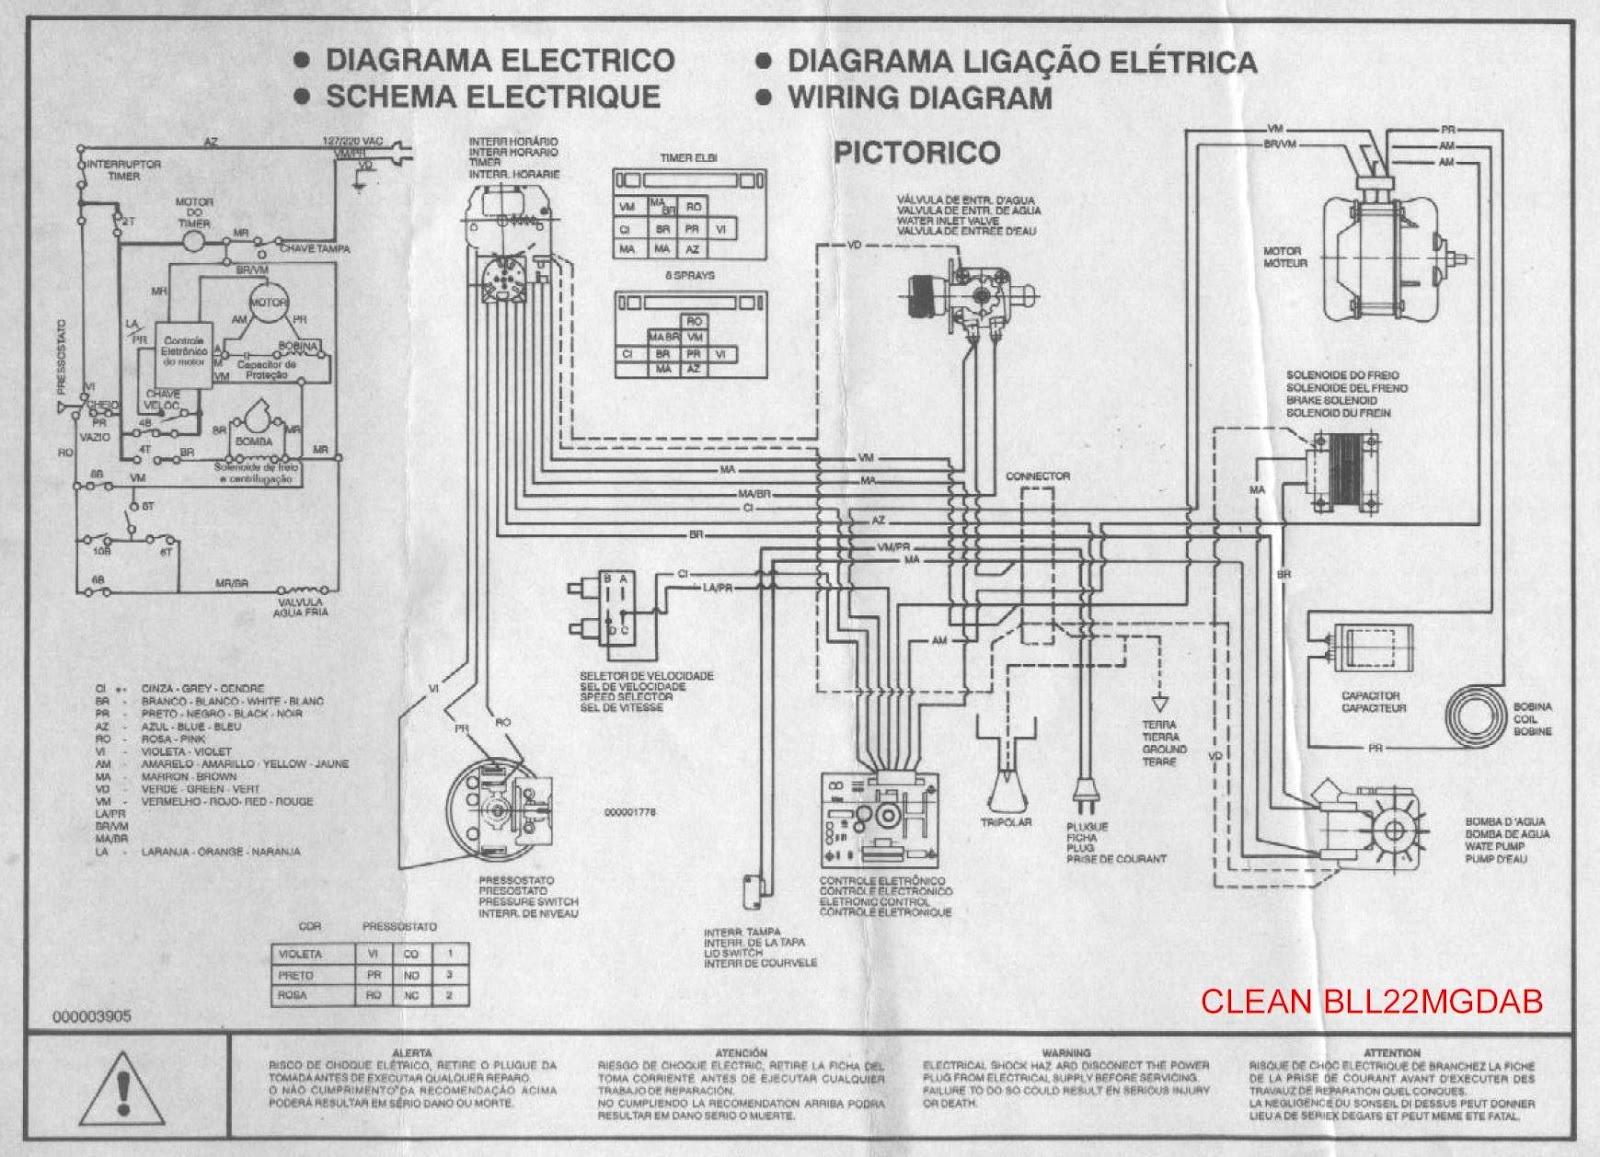 volution turbo timer wiring diagram como consertar seu eletrodom  stico brastemp consul e  como consertar seu eletrodom  stico brastemp consul e